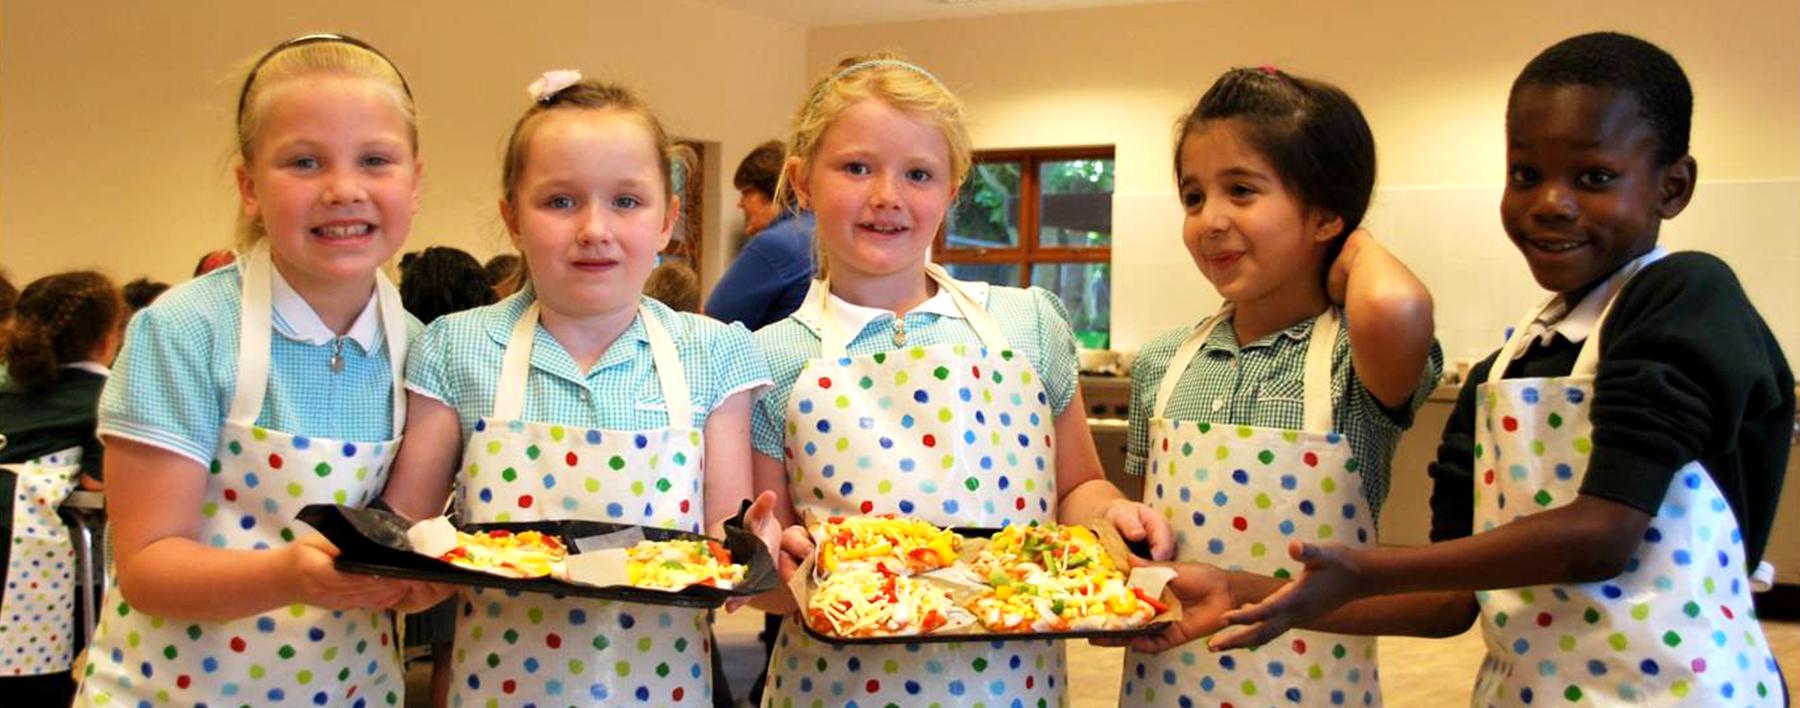 Schools cooking